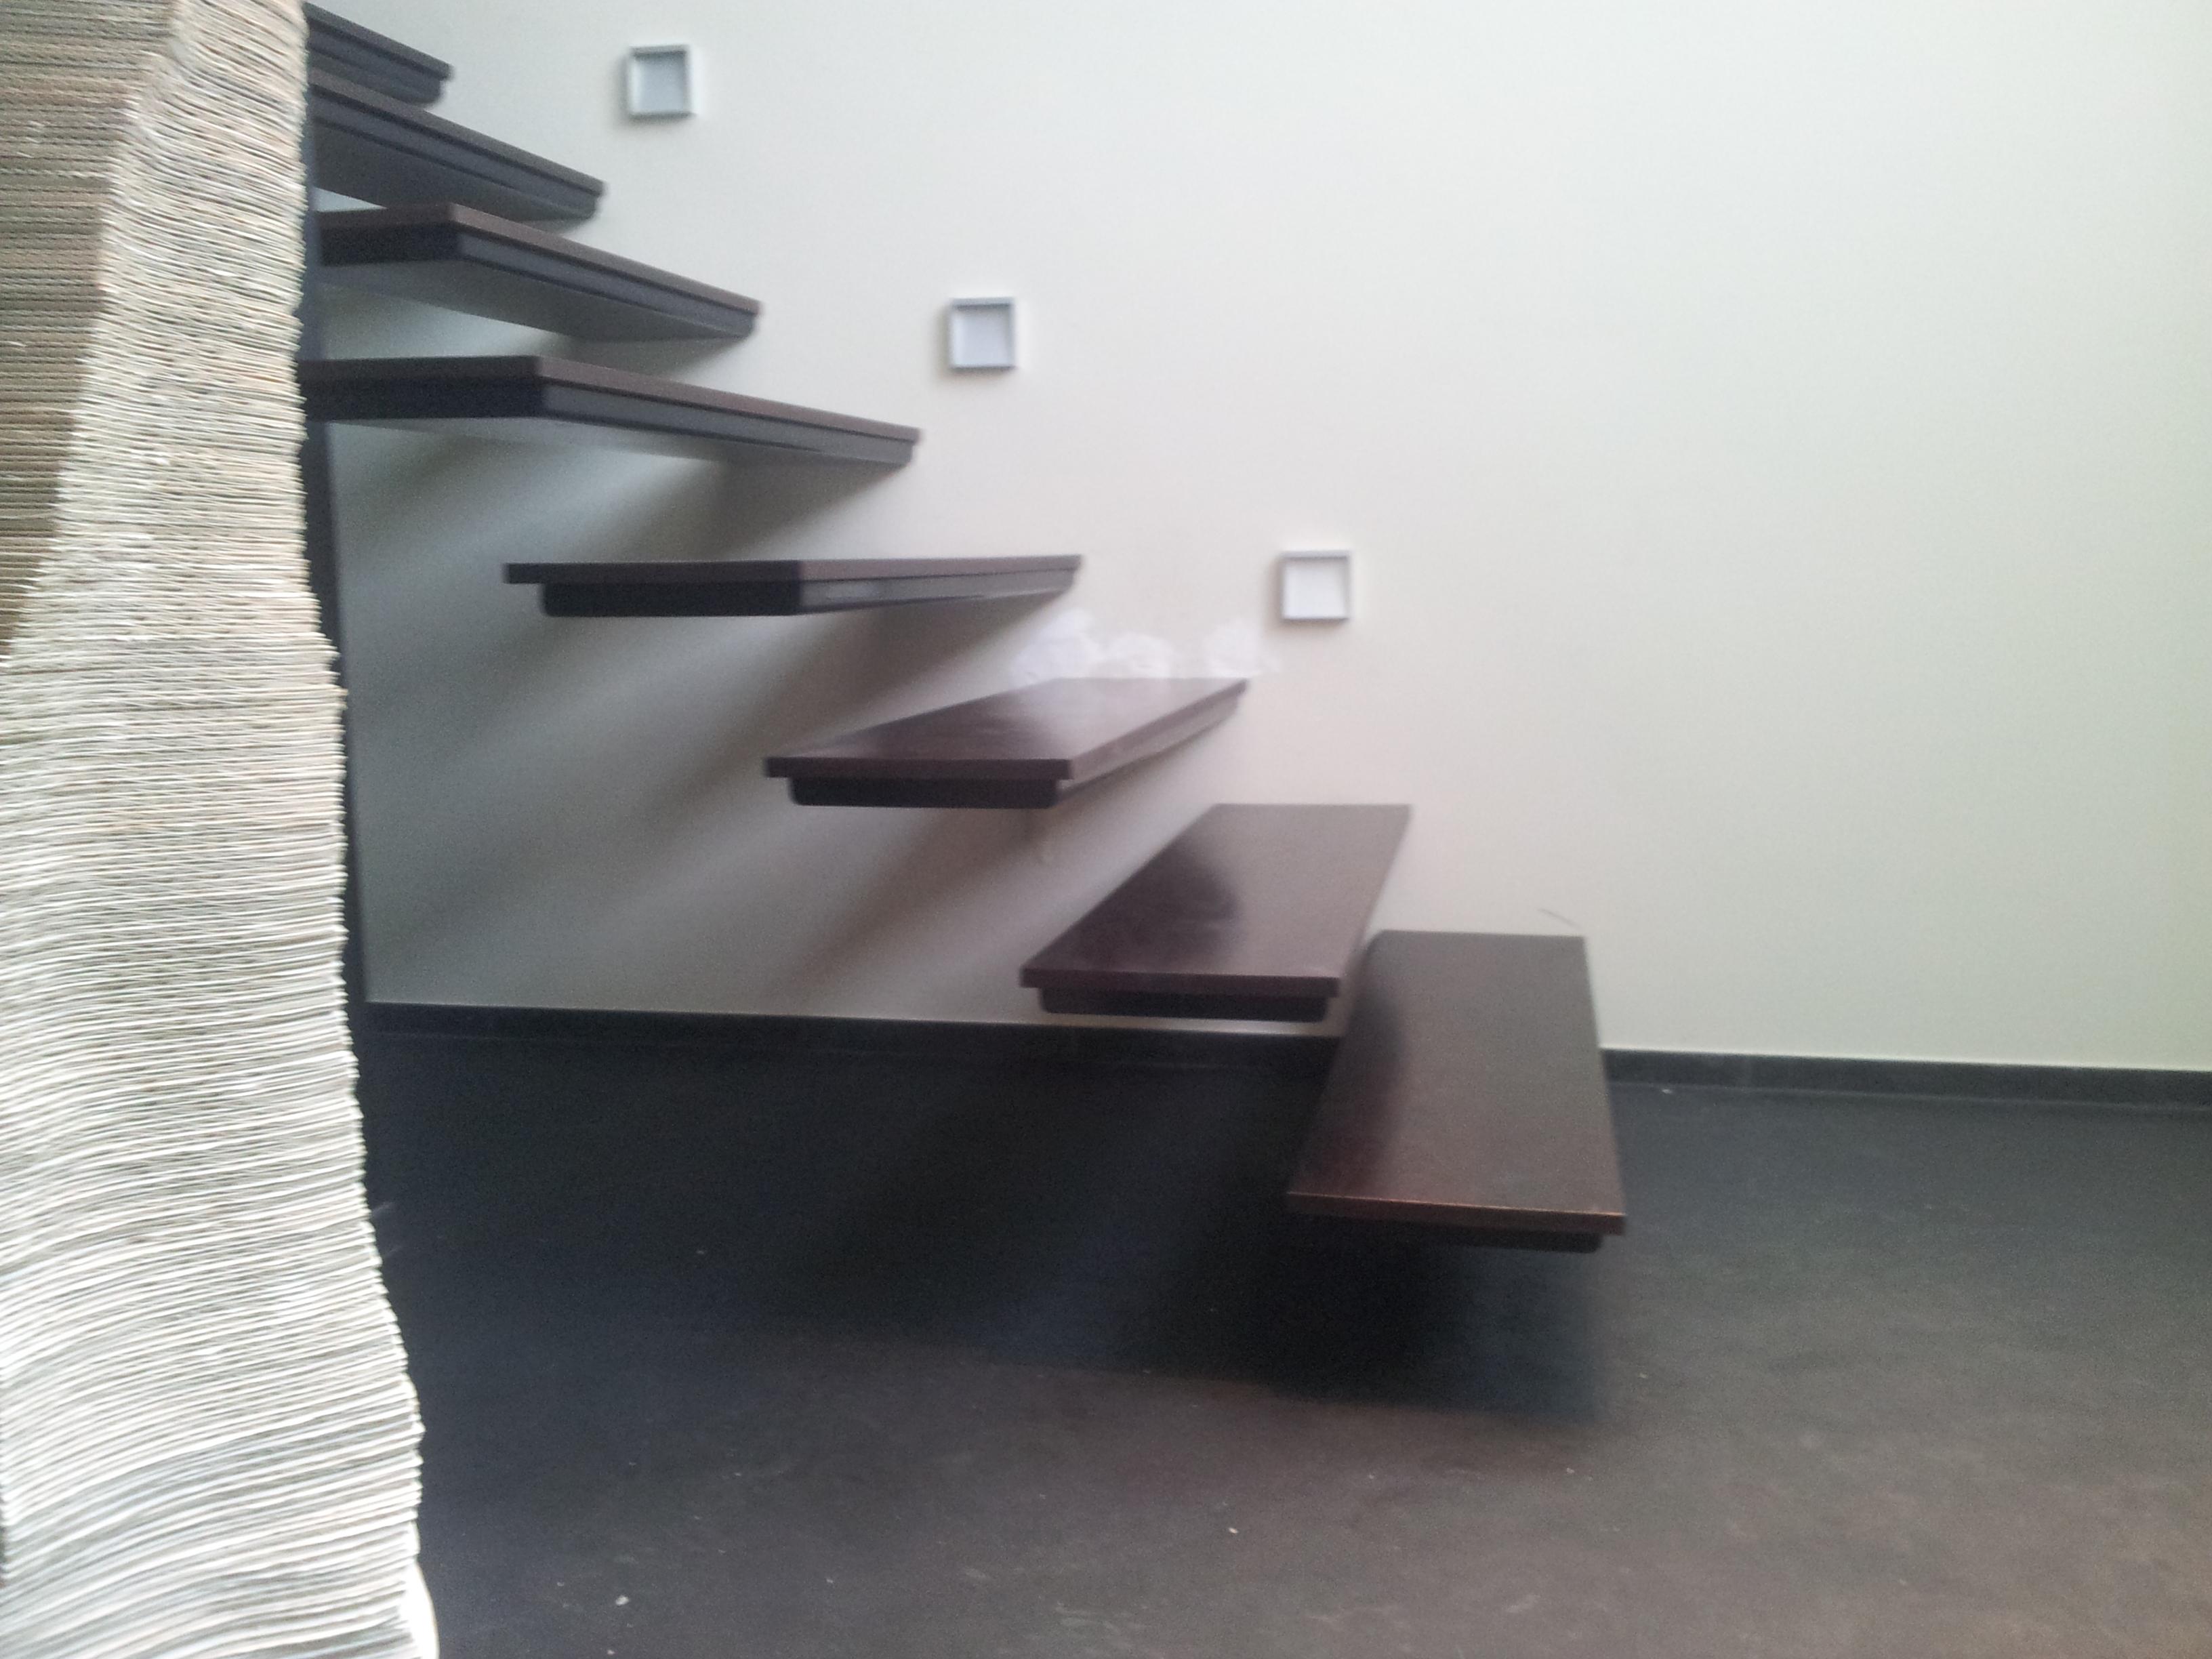 Escalier VDV Intemporel